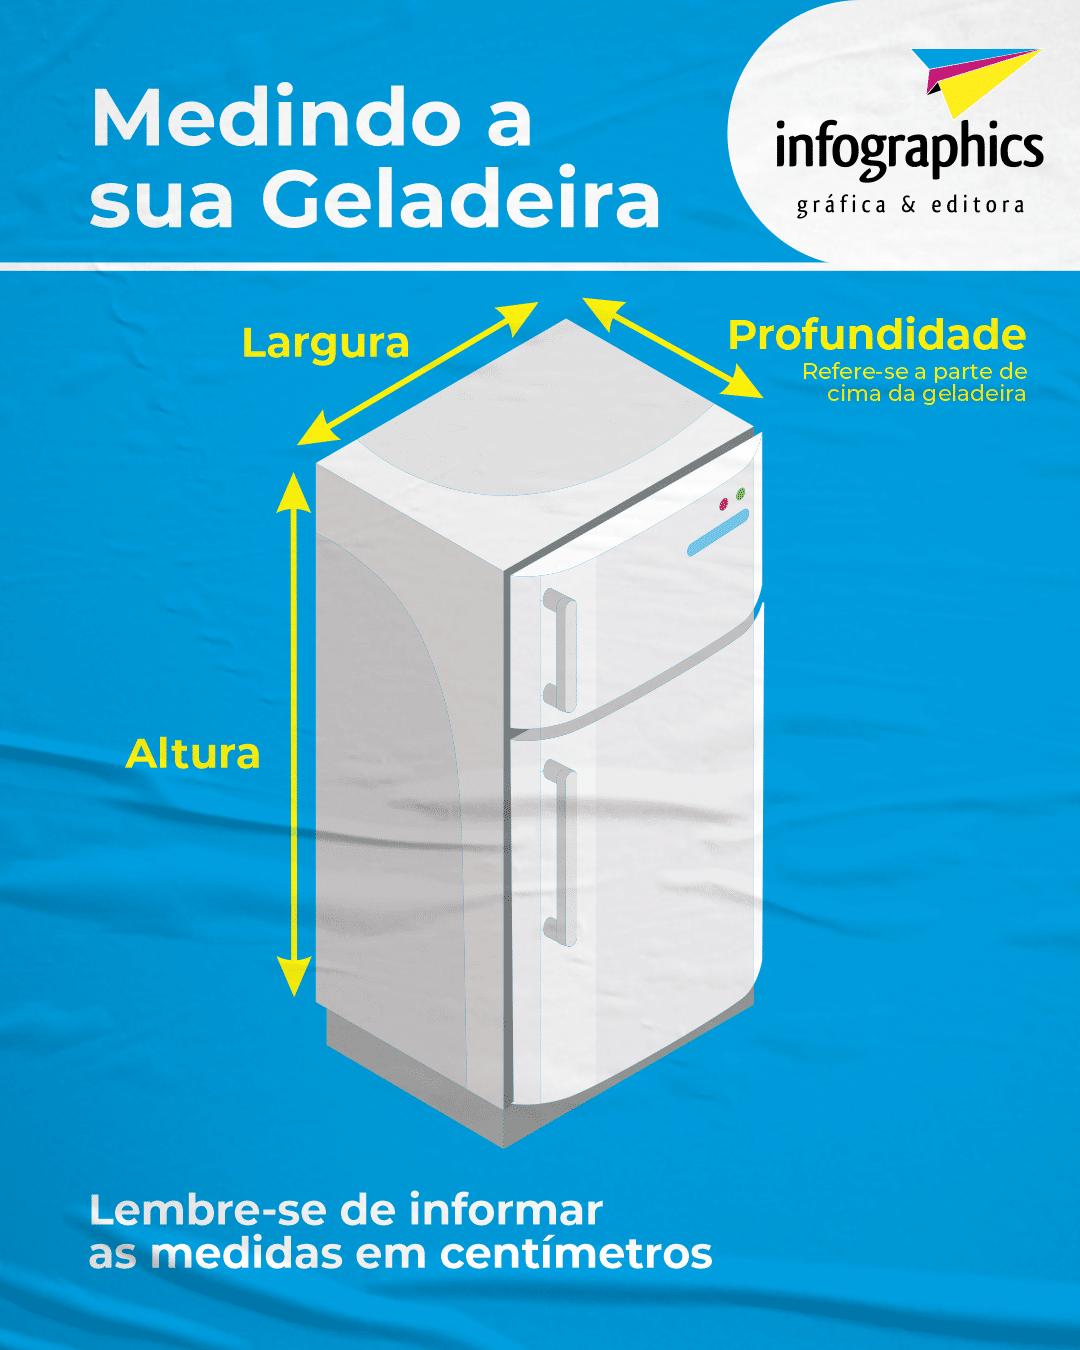 medir-geladeira